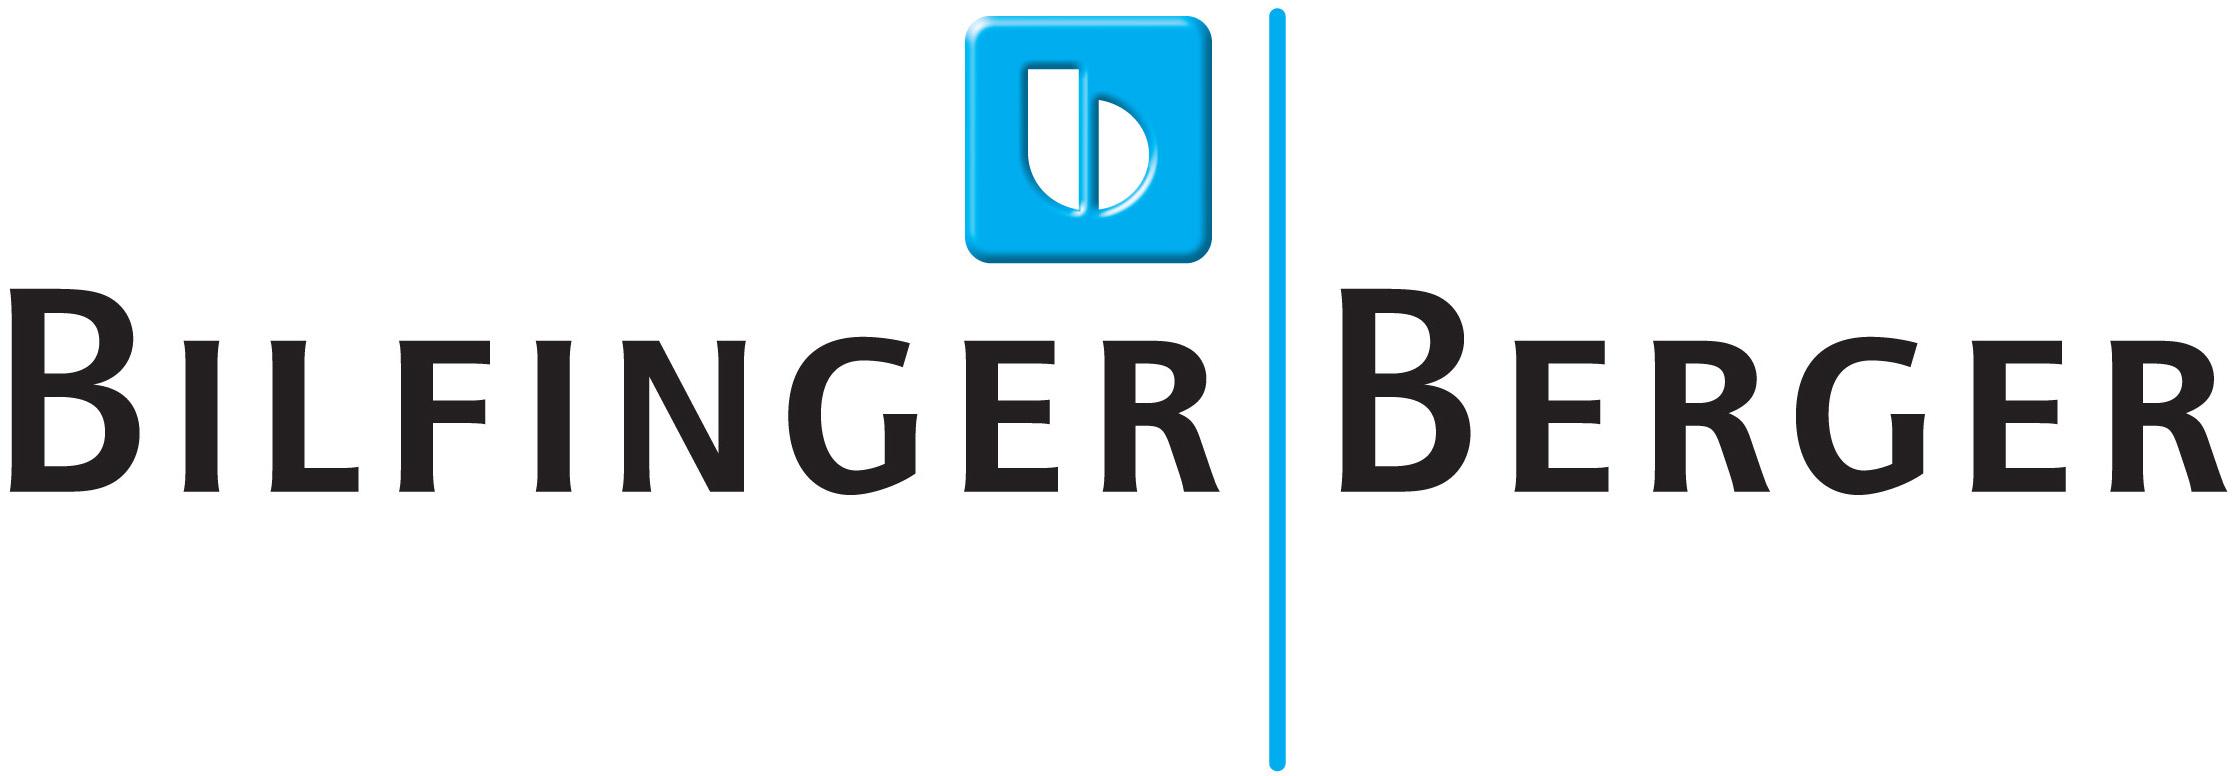 Aktueller Aktienkurs Bilfinger Berger